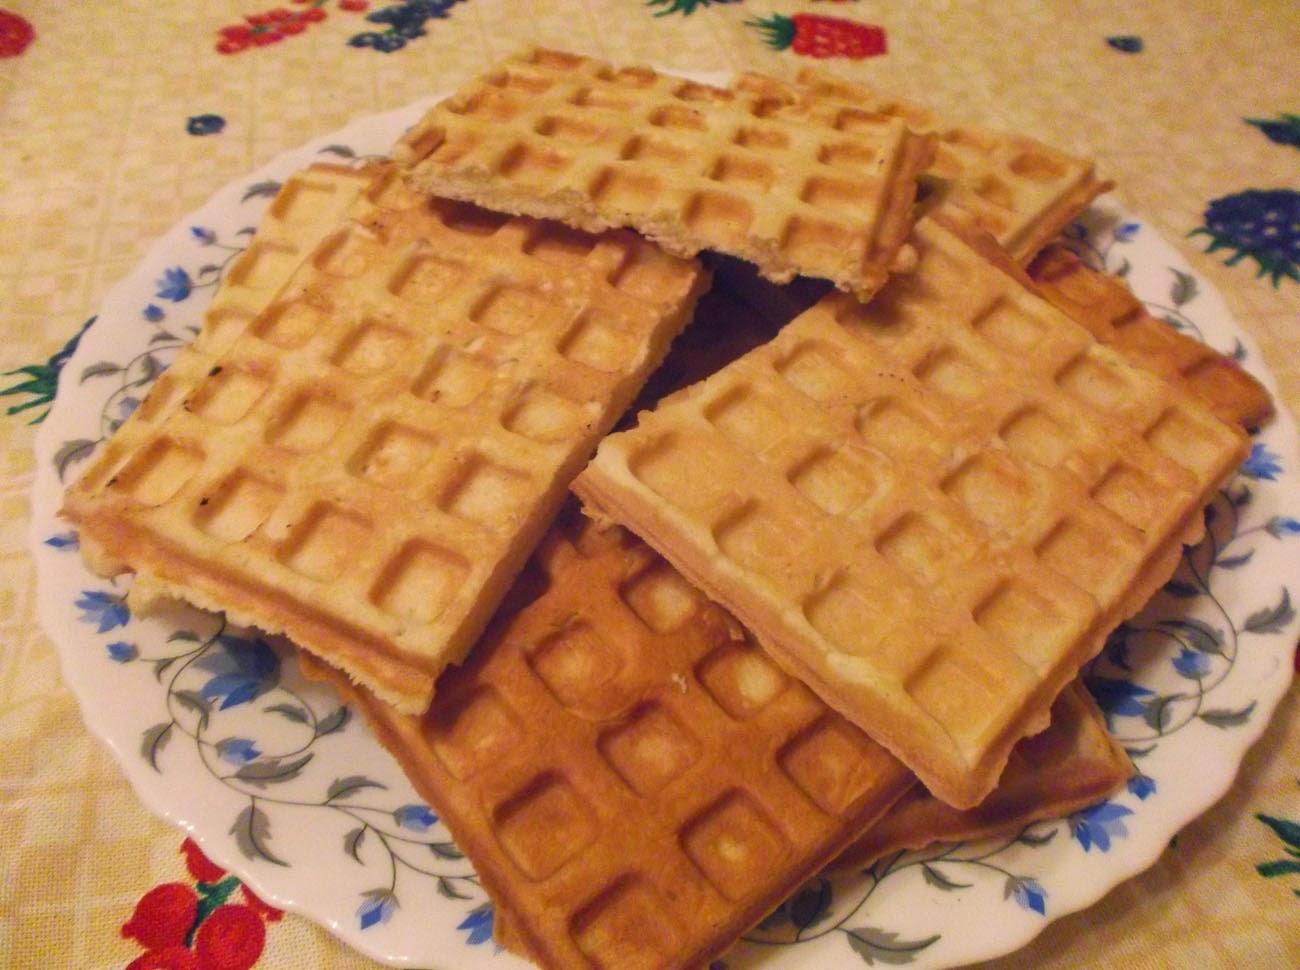 Хрустящие вафли (2 рецепта из одного набора продуктов) рецепт